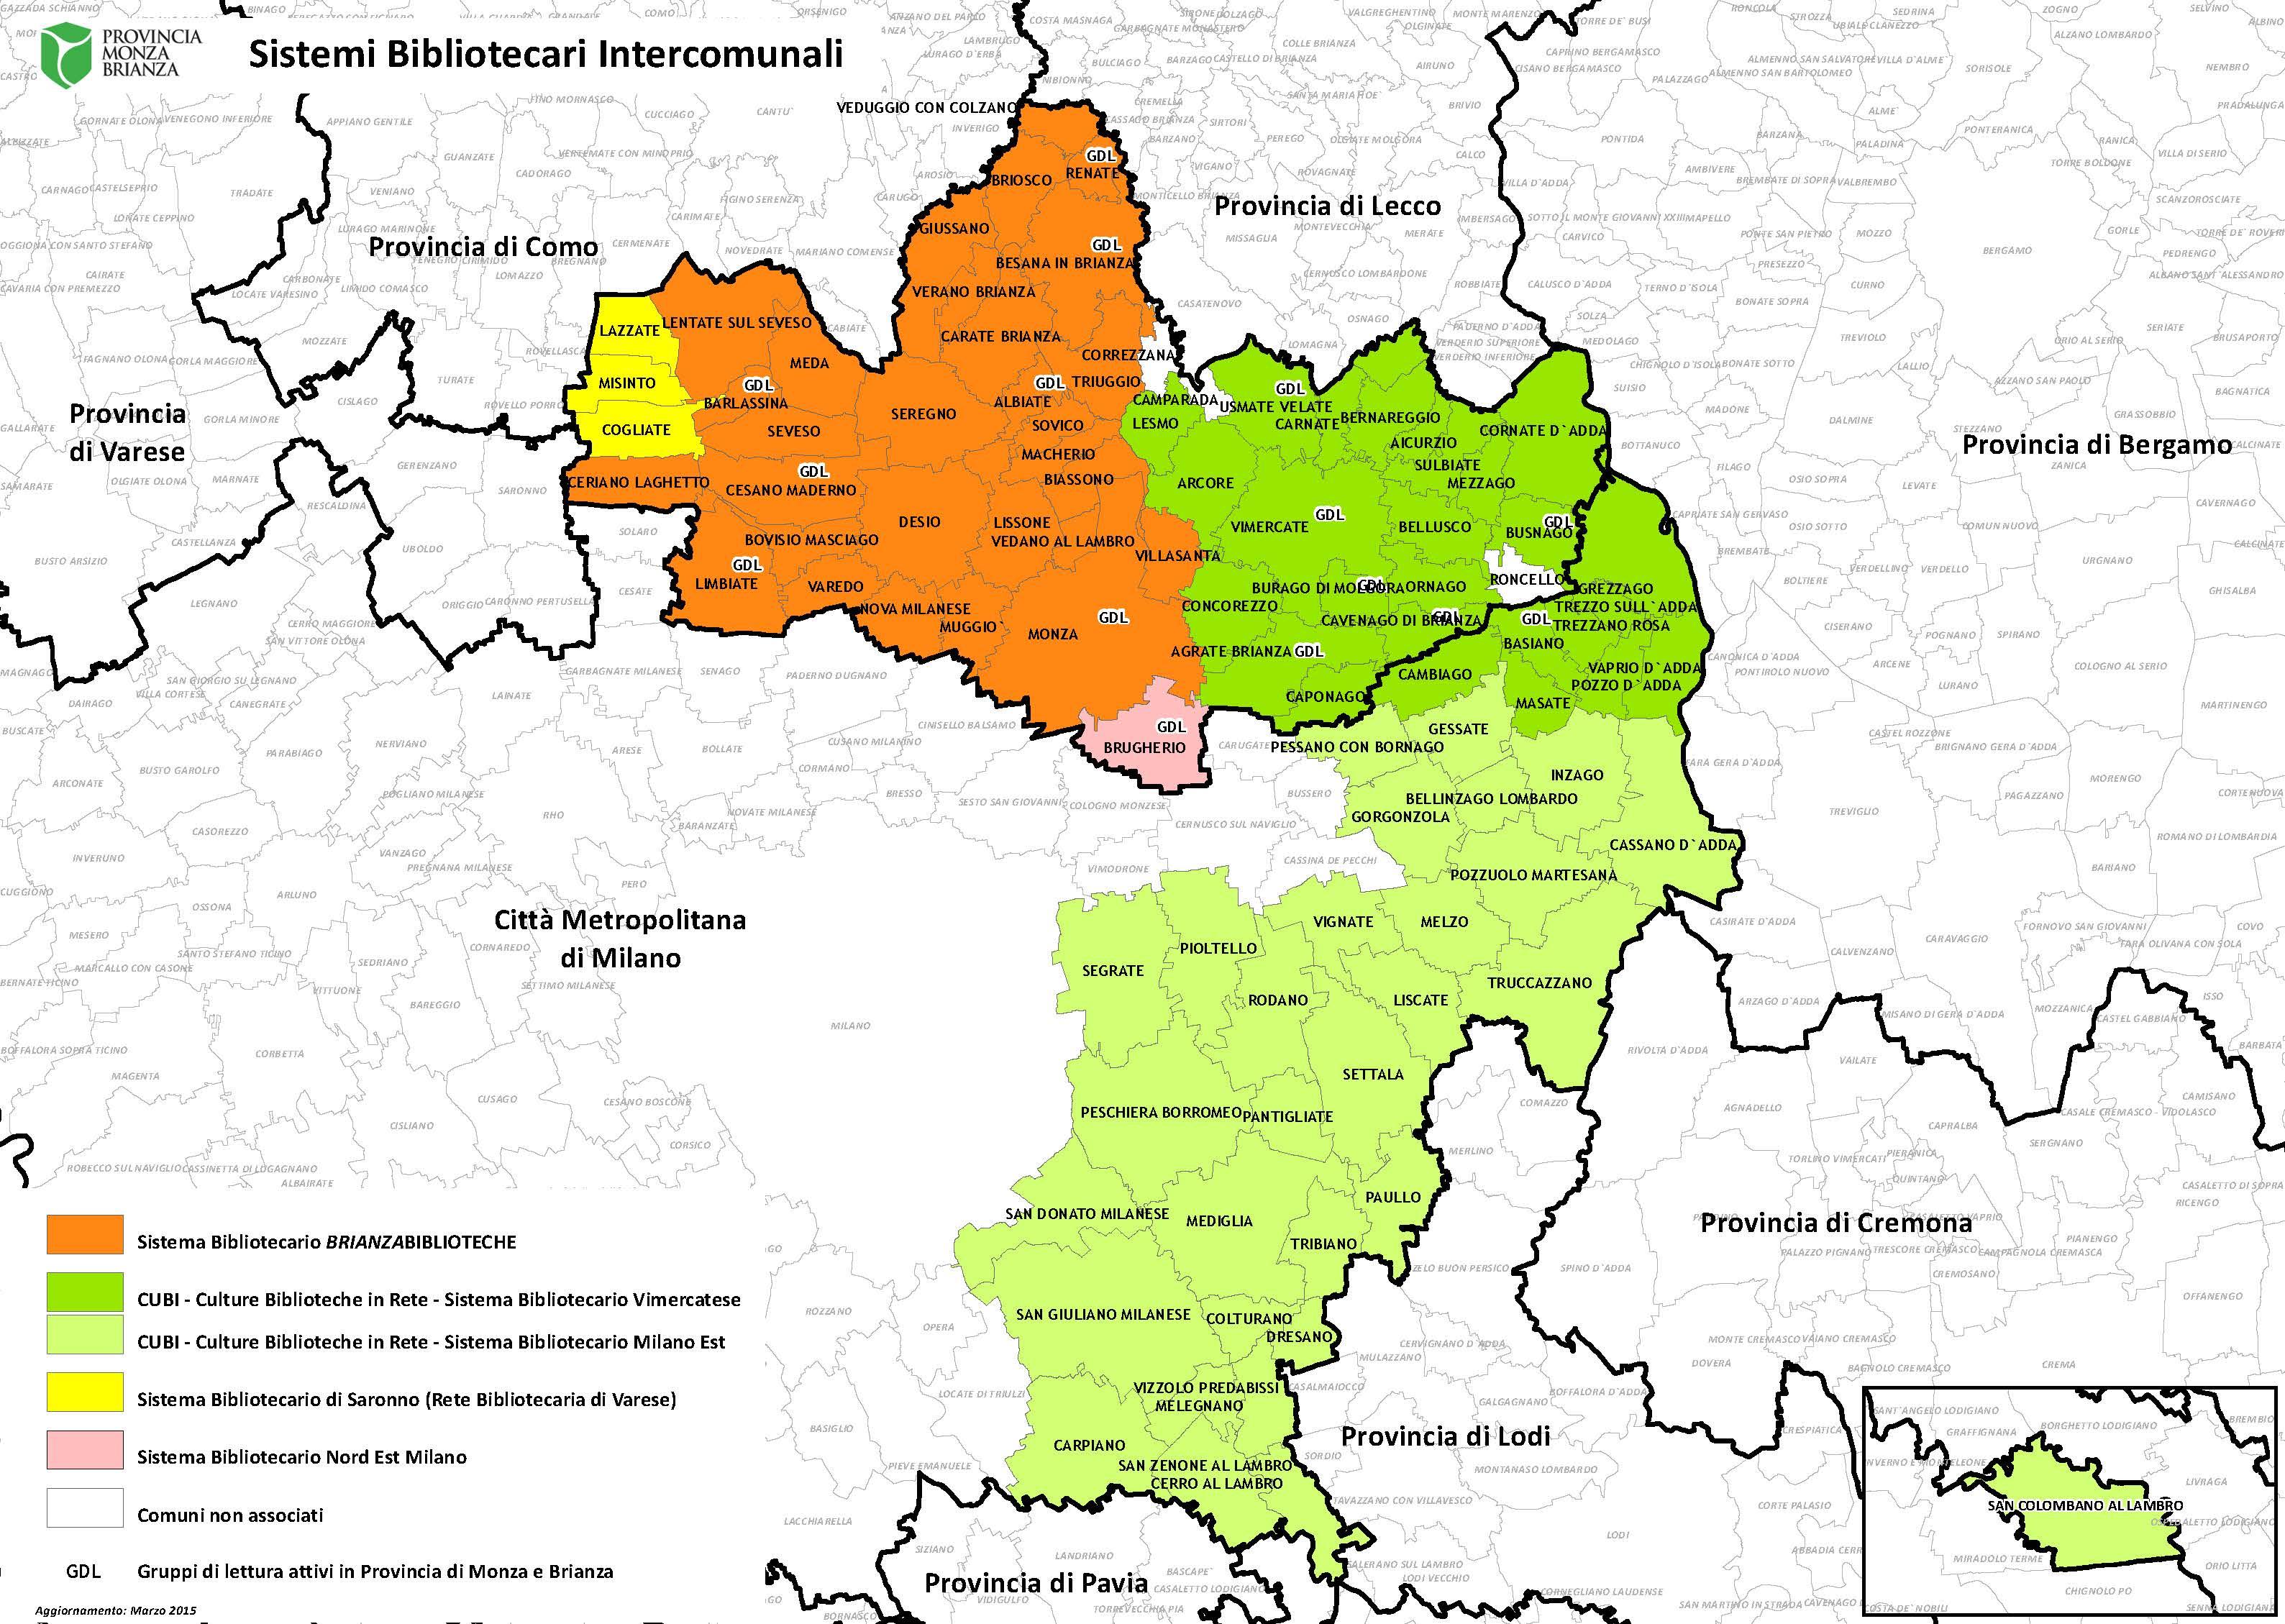 Cartina Brianza Lombardia.Mappa Sistemi Bibliotecari